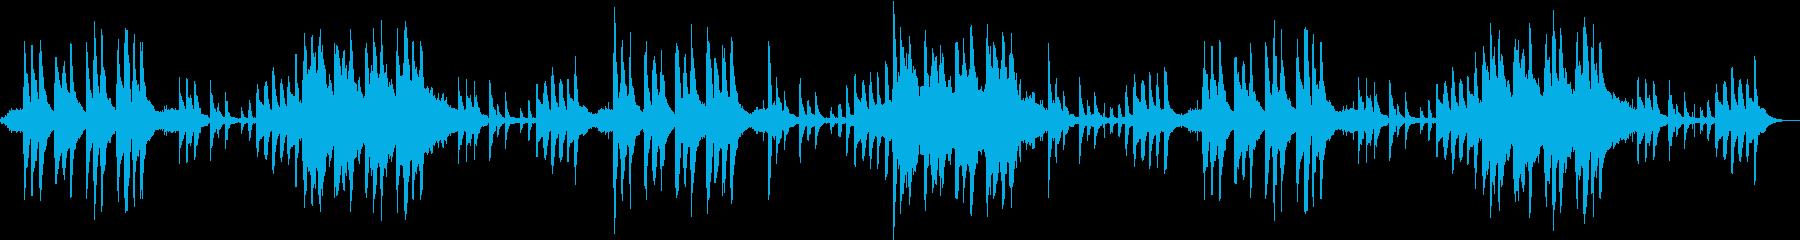 ピアノとストリングスによる美しき旋律の再生済みの波形